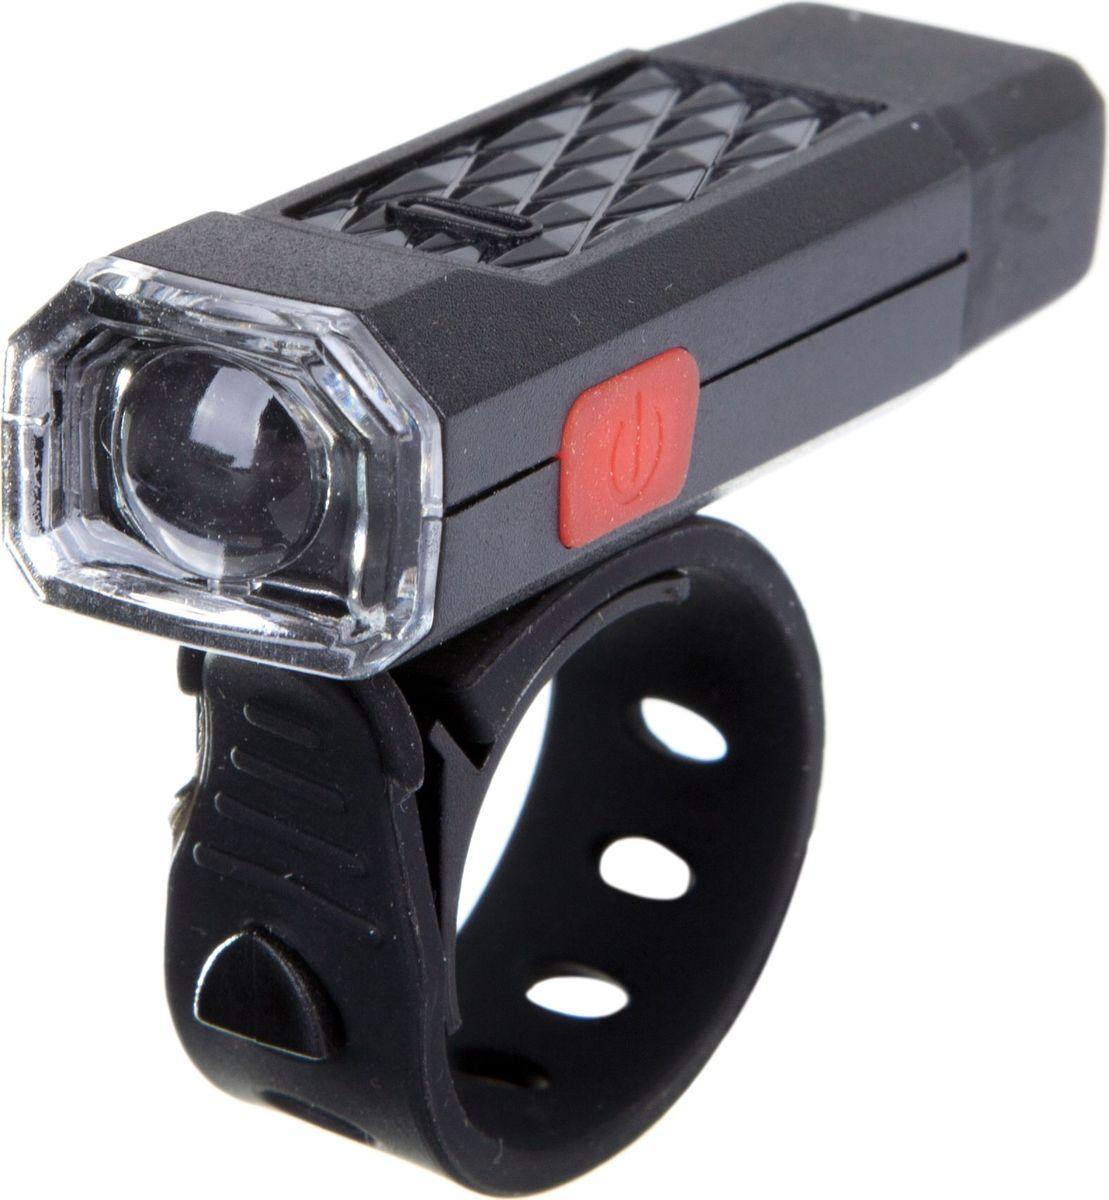 Фонарь велосипедный STG XC-146, передний, с зарядкой от USBХ81490Передний велофонарь STG XC-146 предназначен для обеспечения большей безопасности при поездках в темное время суток. Он легко крепится и снимается без дополнительных инструментов. Корпус изделия выполнен из прочного металла, пластика и резины. Фонарь питается от встроенного аккумулятора, заряжающегося от компьютера при помощи USB кабеля.